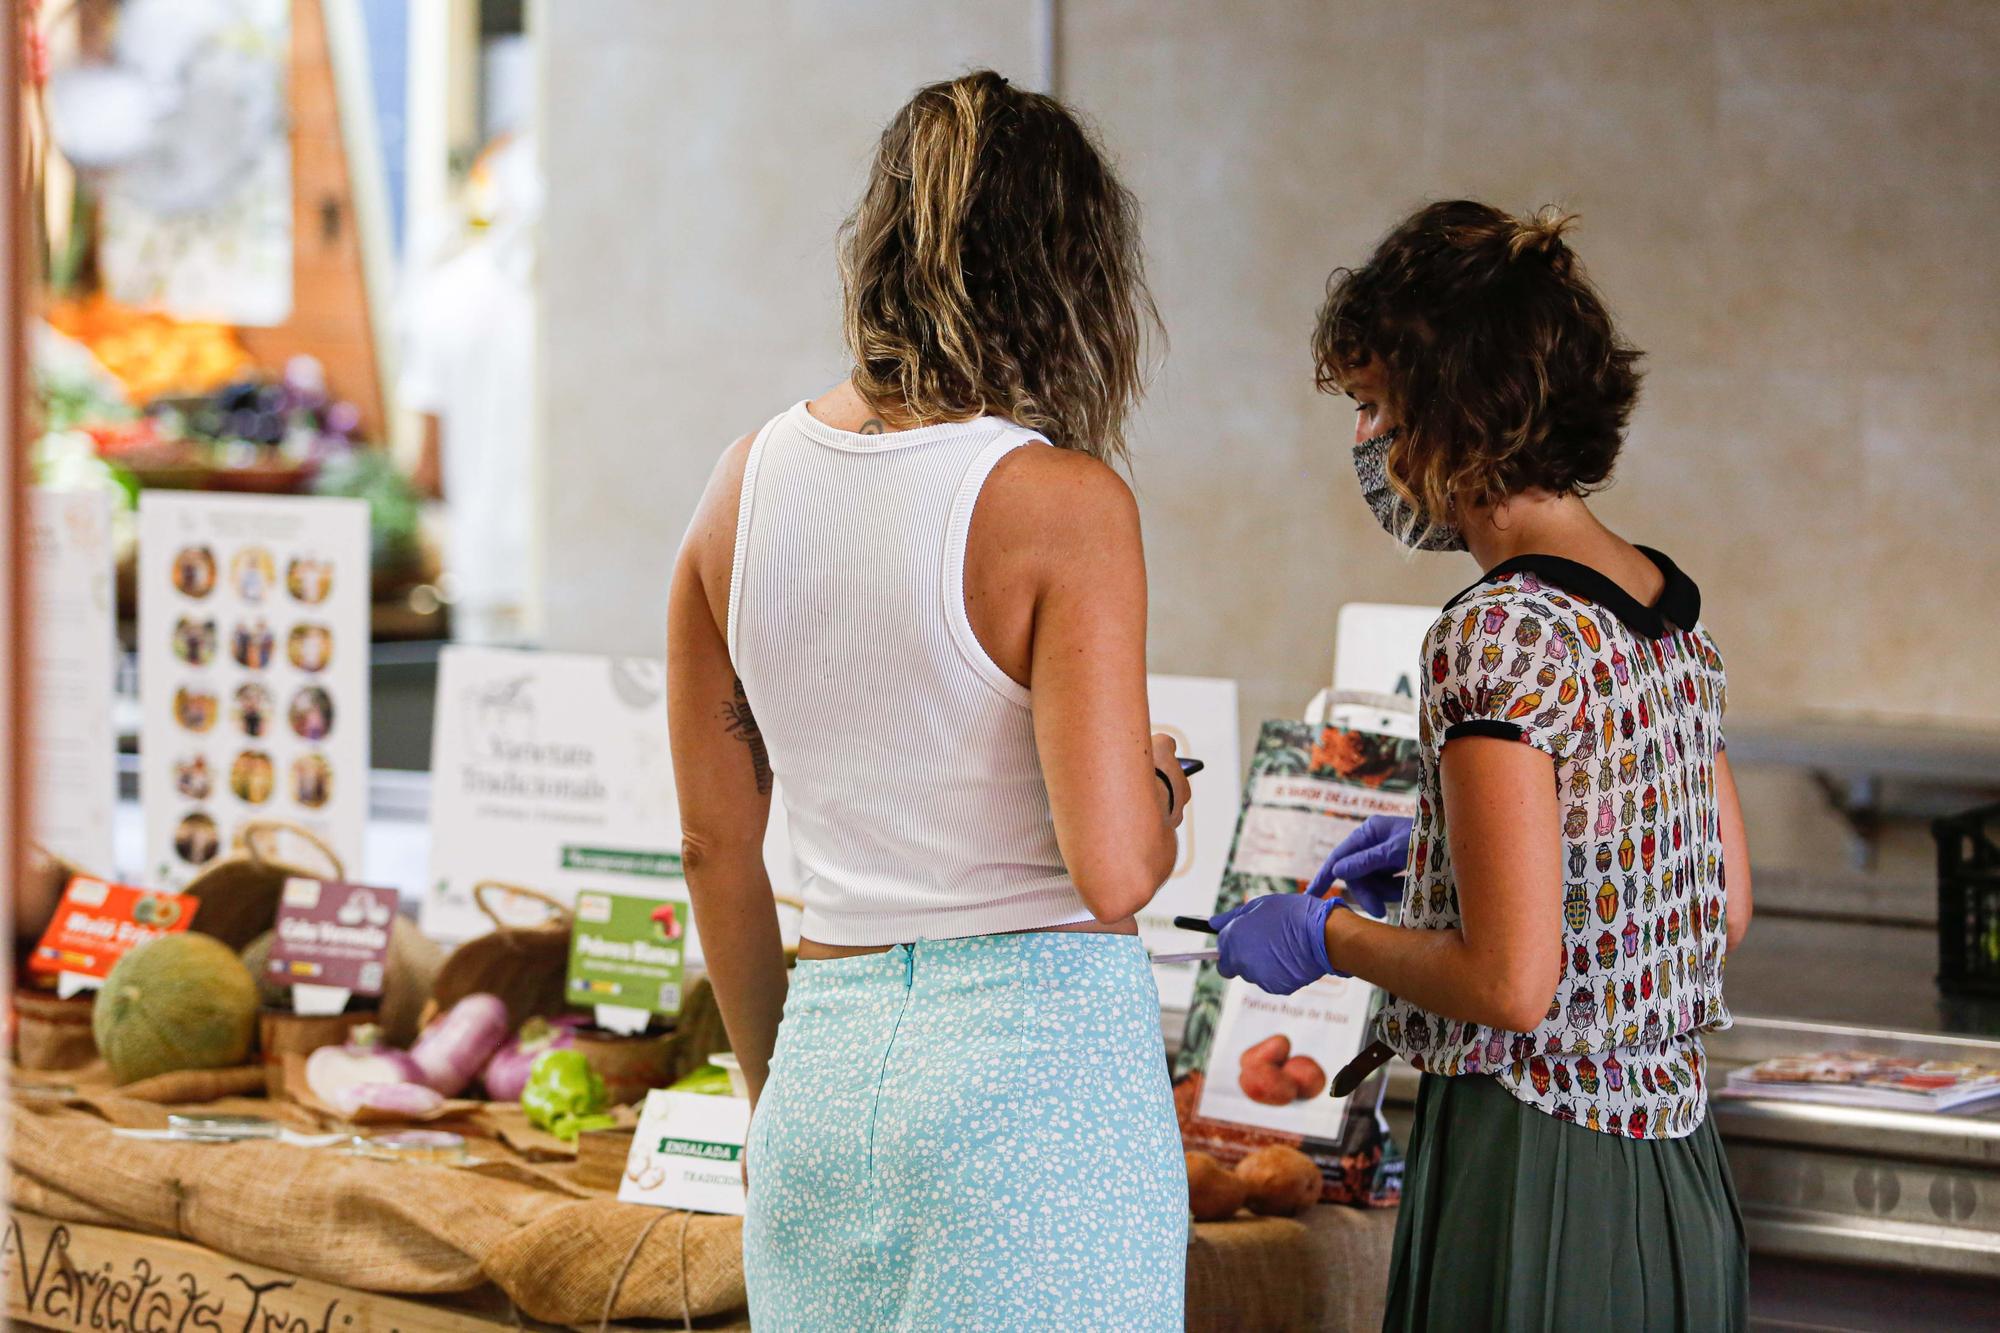 Ensalada payesa y helado de 'meló eriçó' en Santa Eulària